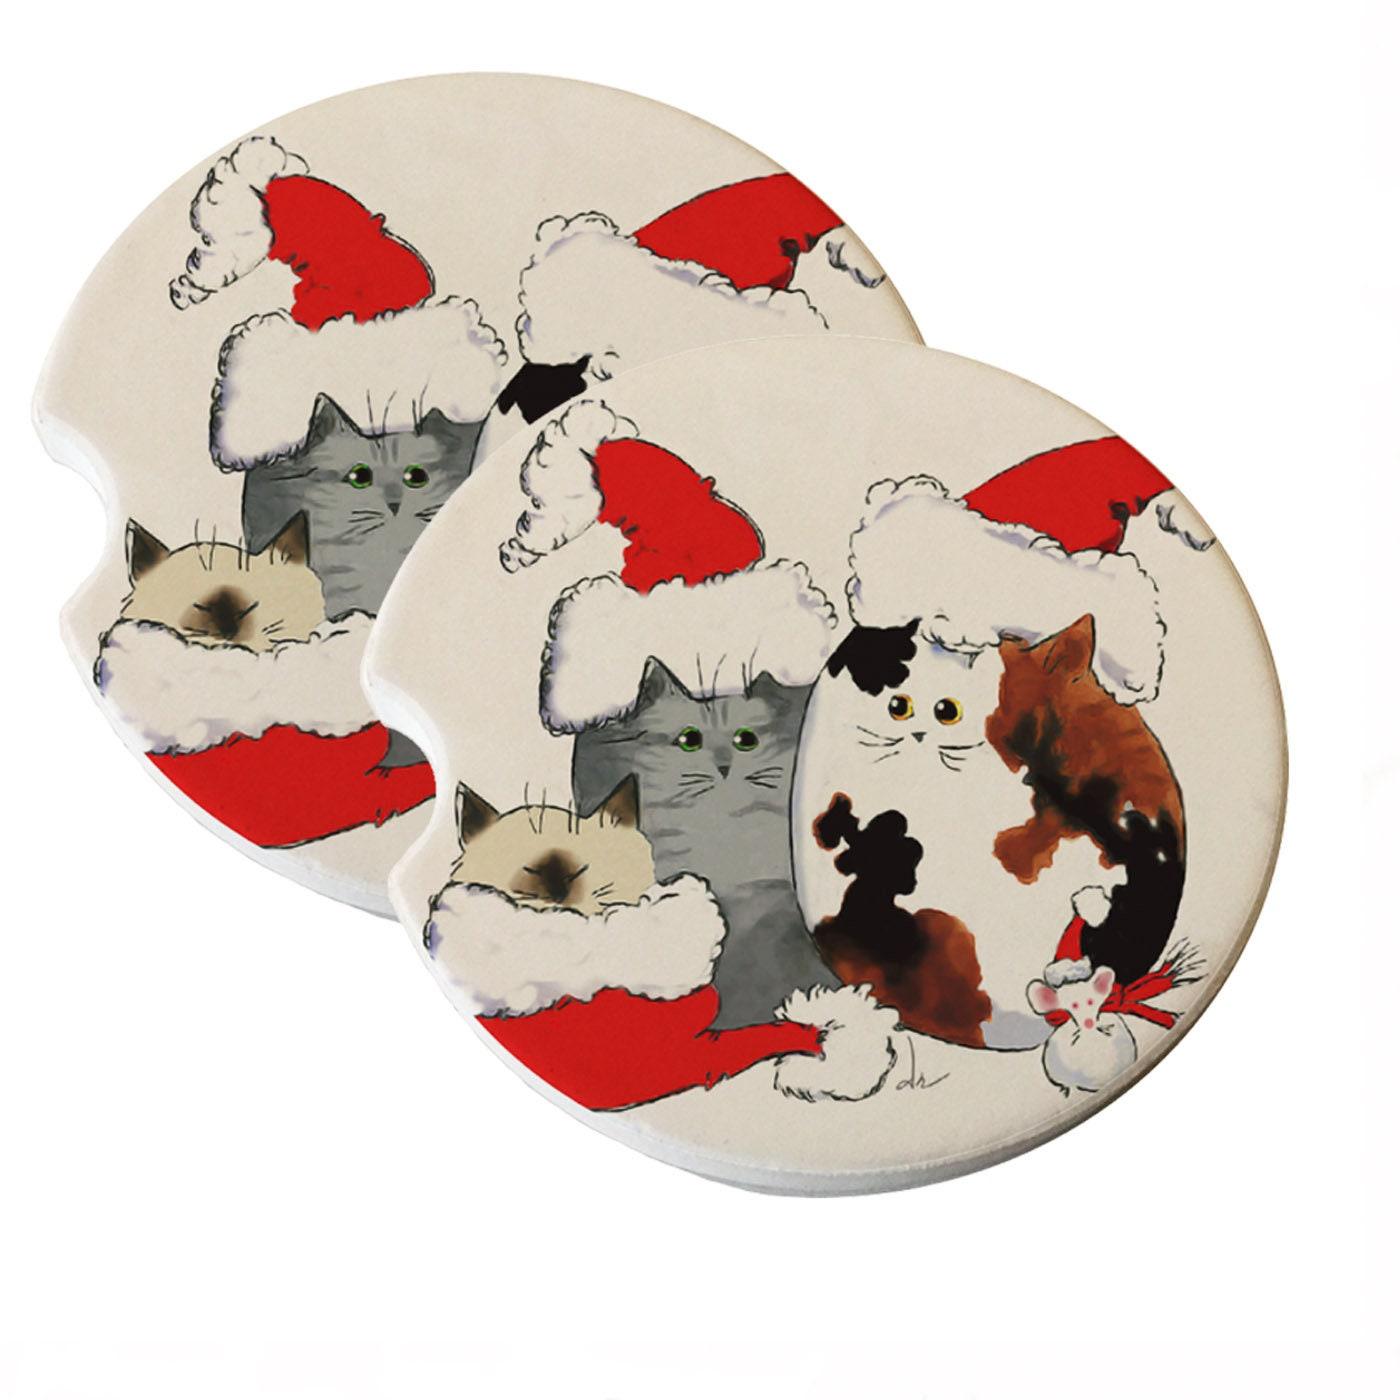 Three Christmas Kitties and Mouse in Santa Hats Natural | Etsy